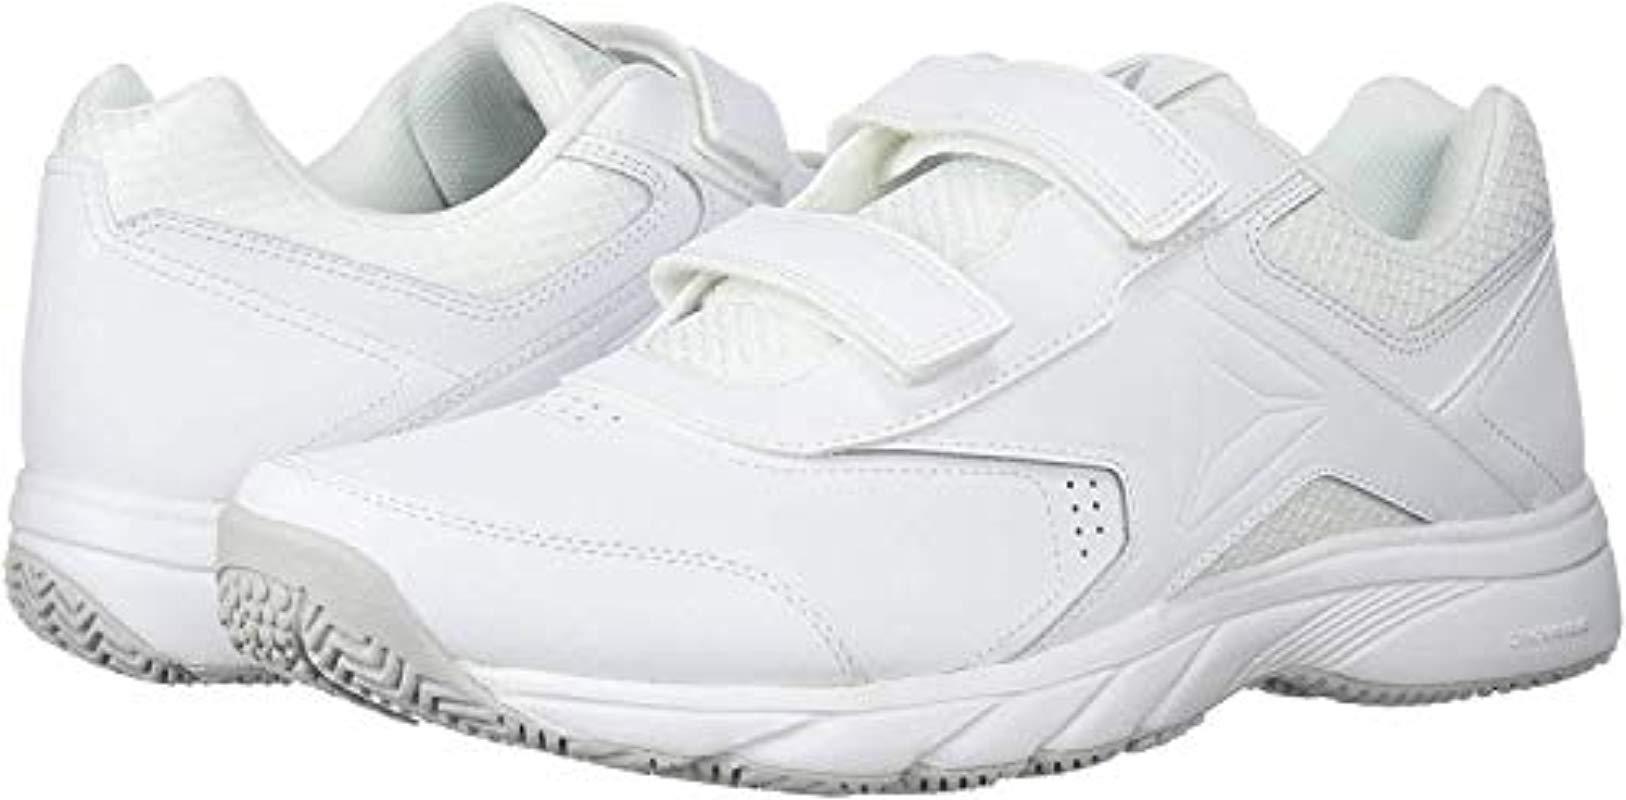 7d7721c68116 Lyst - Reebok Work N Cushion 2.0 Walking Shoe in White for Men